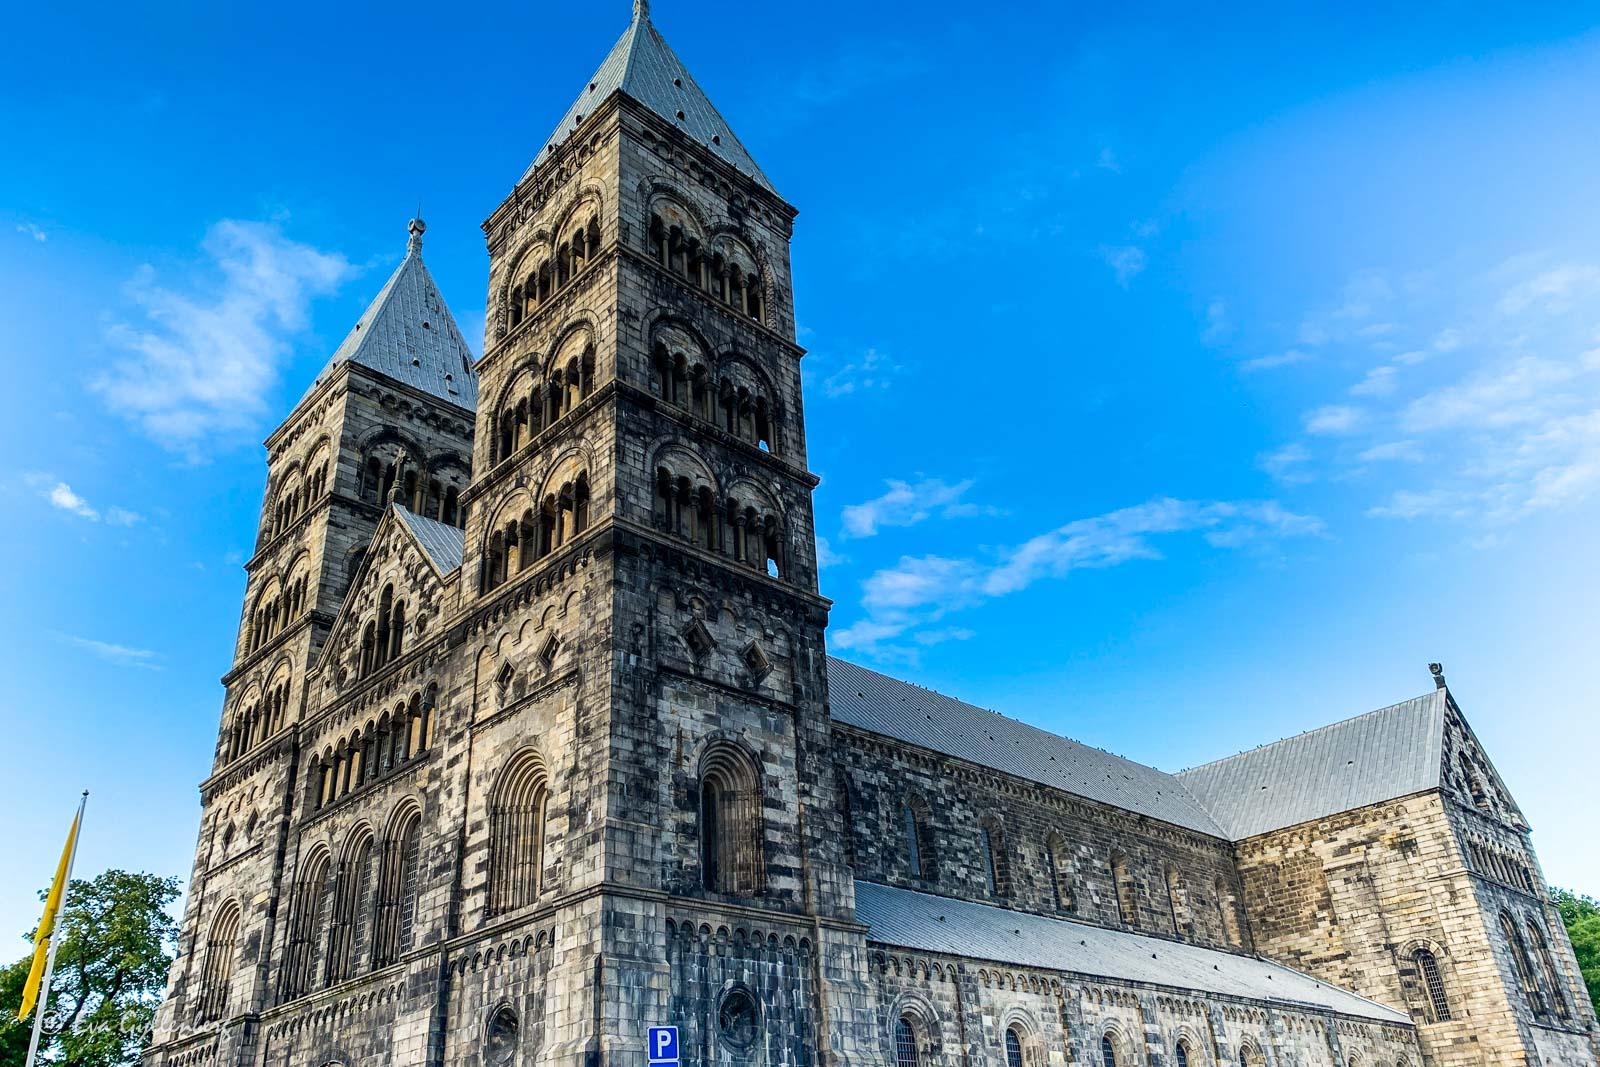 Domkyrkan i Lund